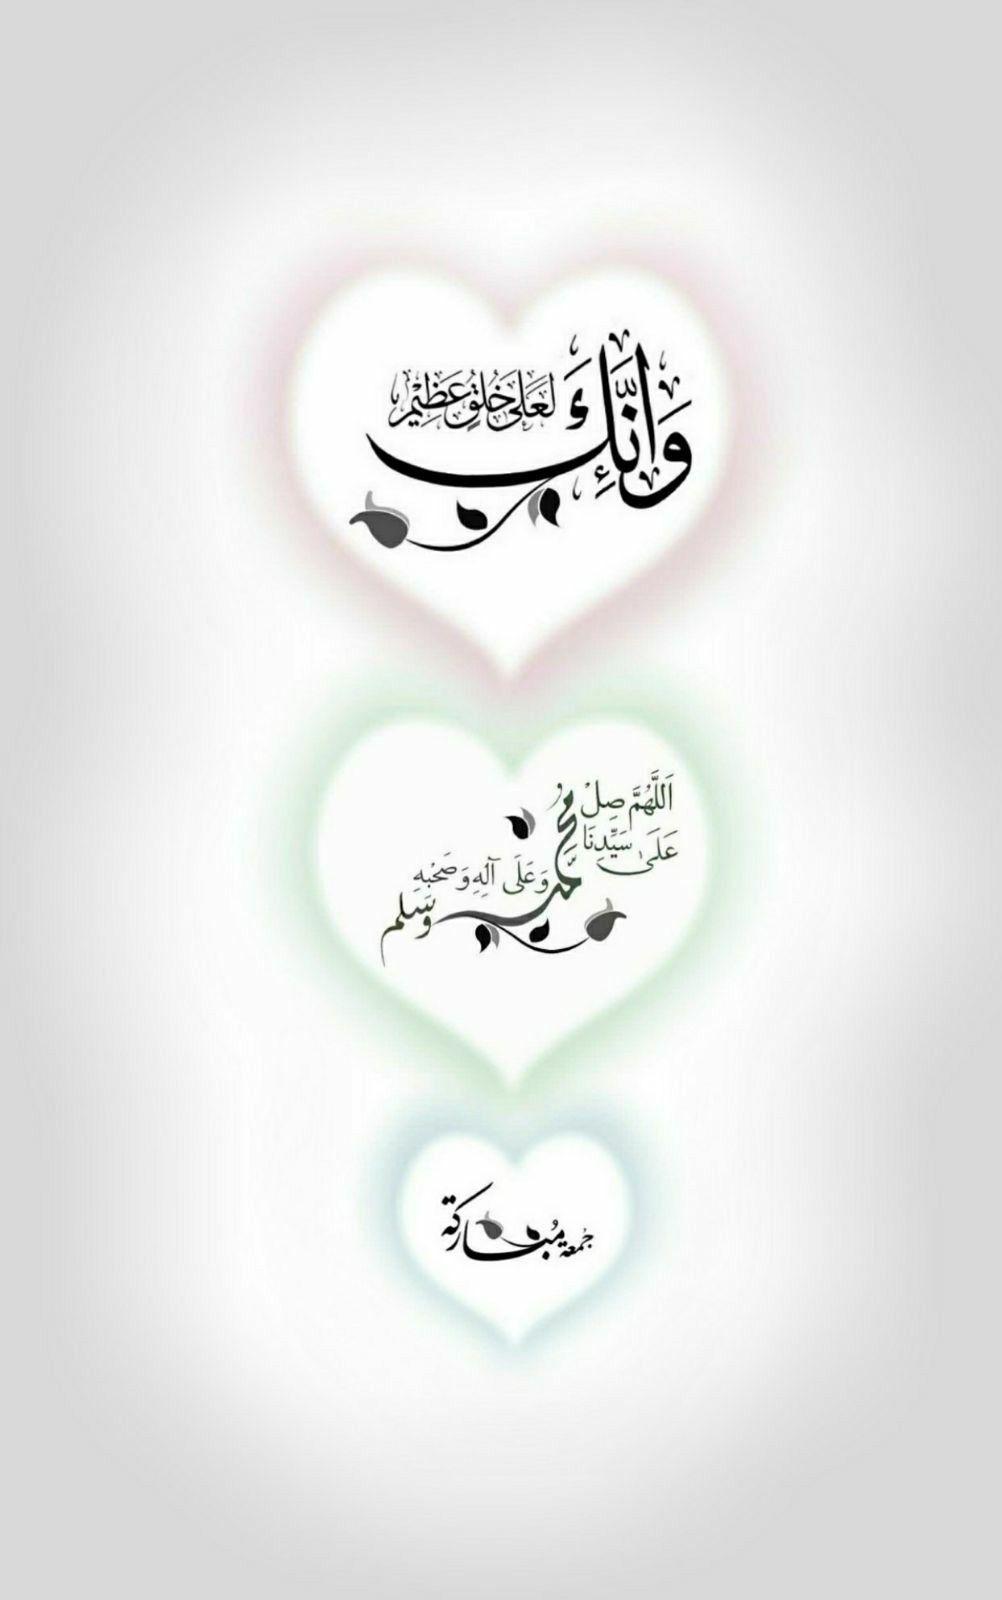 صور دعاء يوم الجمعة Islamic Images Blessed Friday Jumma Mubarak Images